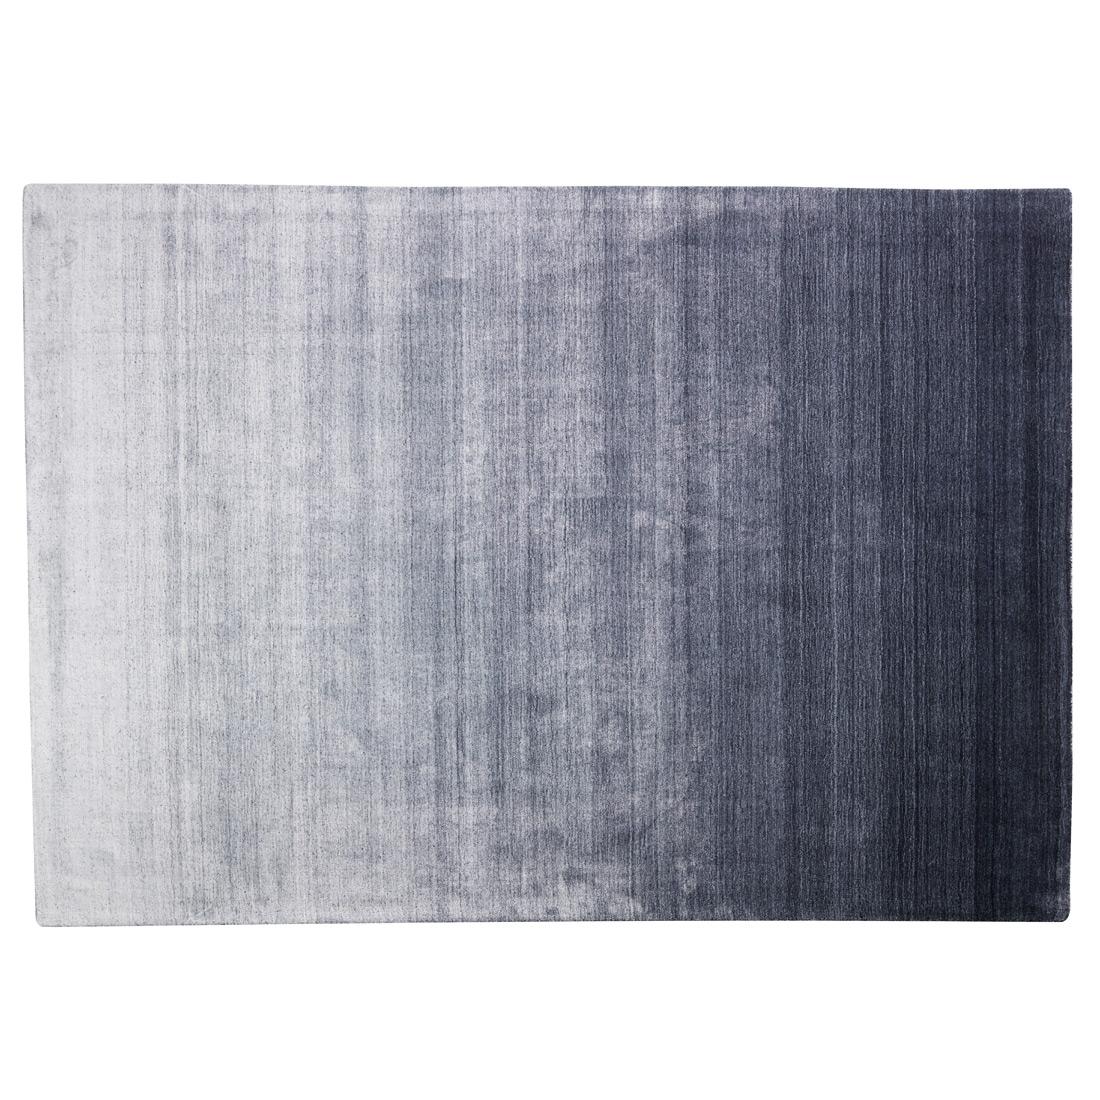 Vloerkleed Xilento Admire Blue | 200 x 300 cm